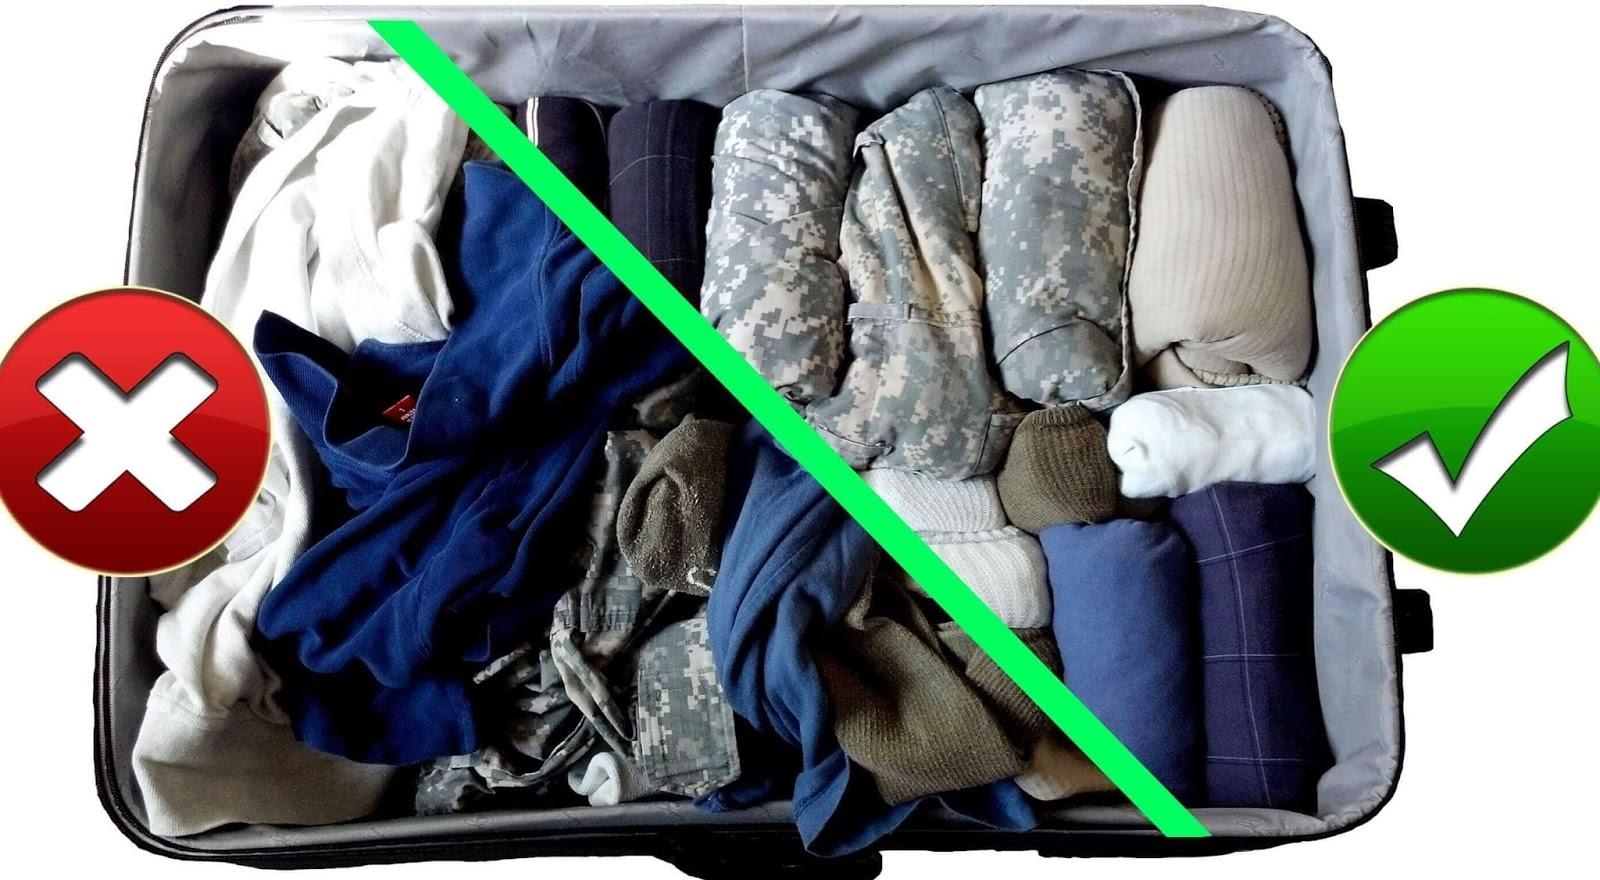 Çamaşırları rulo yaparak katlamak